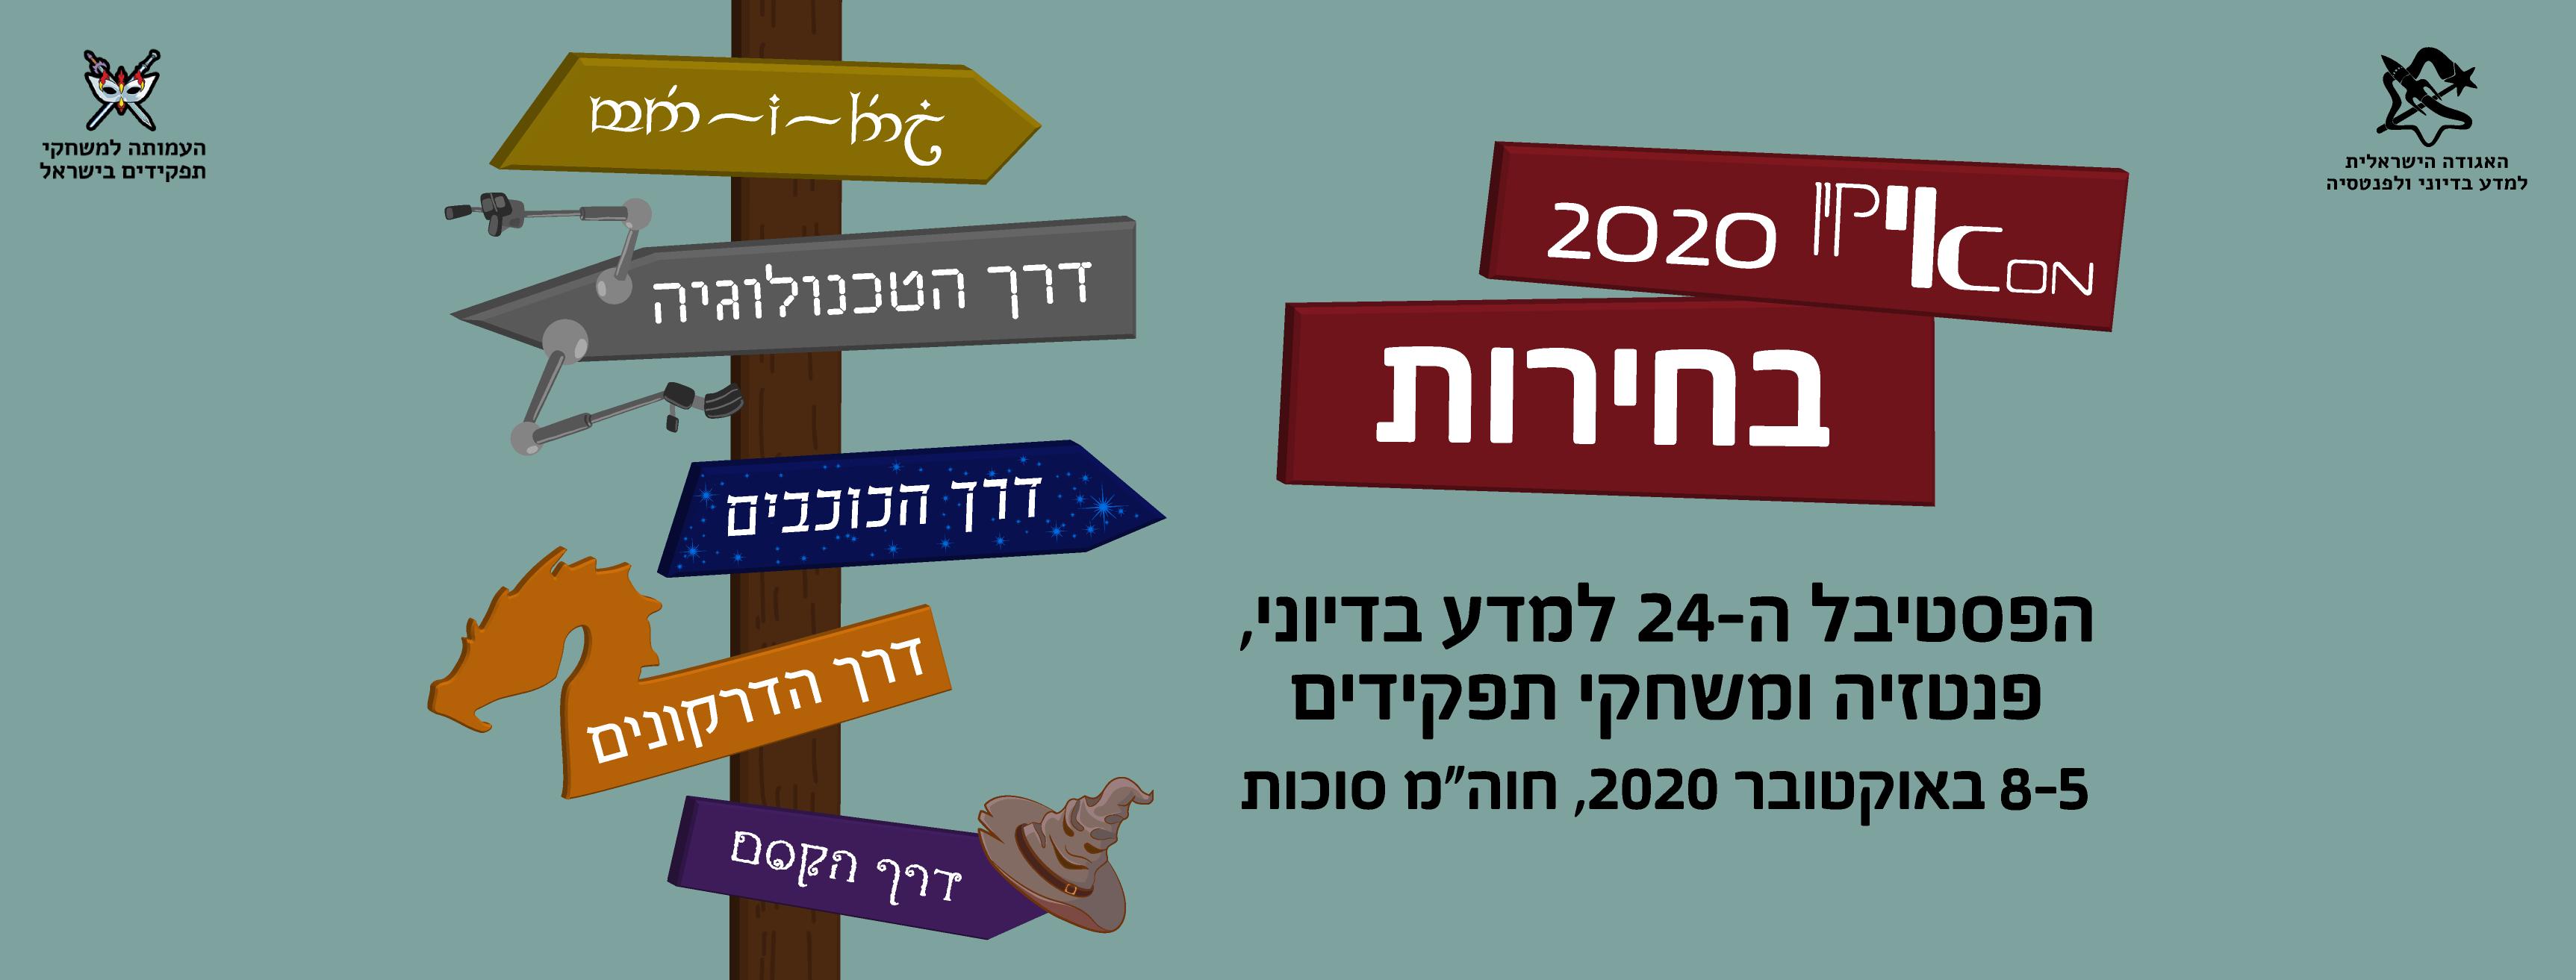 פסטיבל אייקון 2020